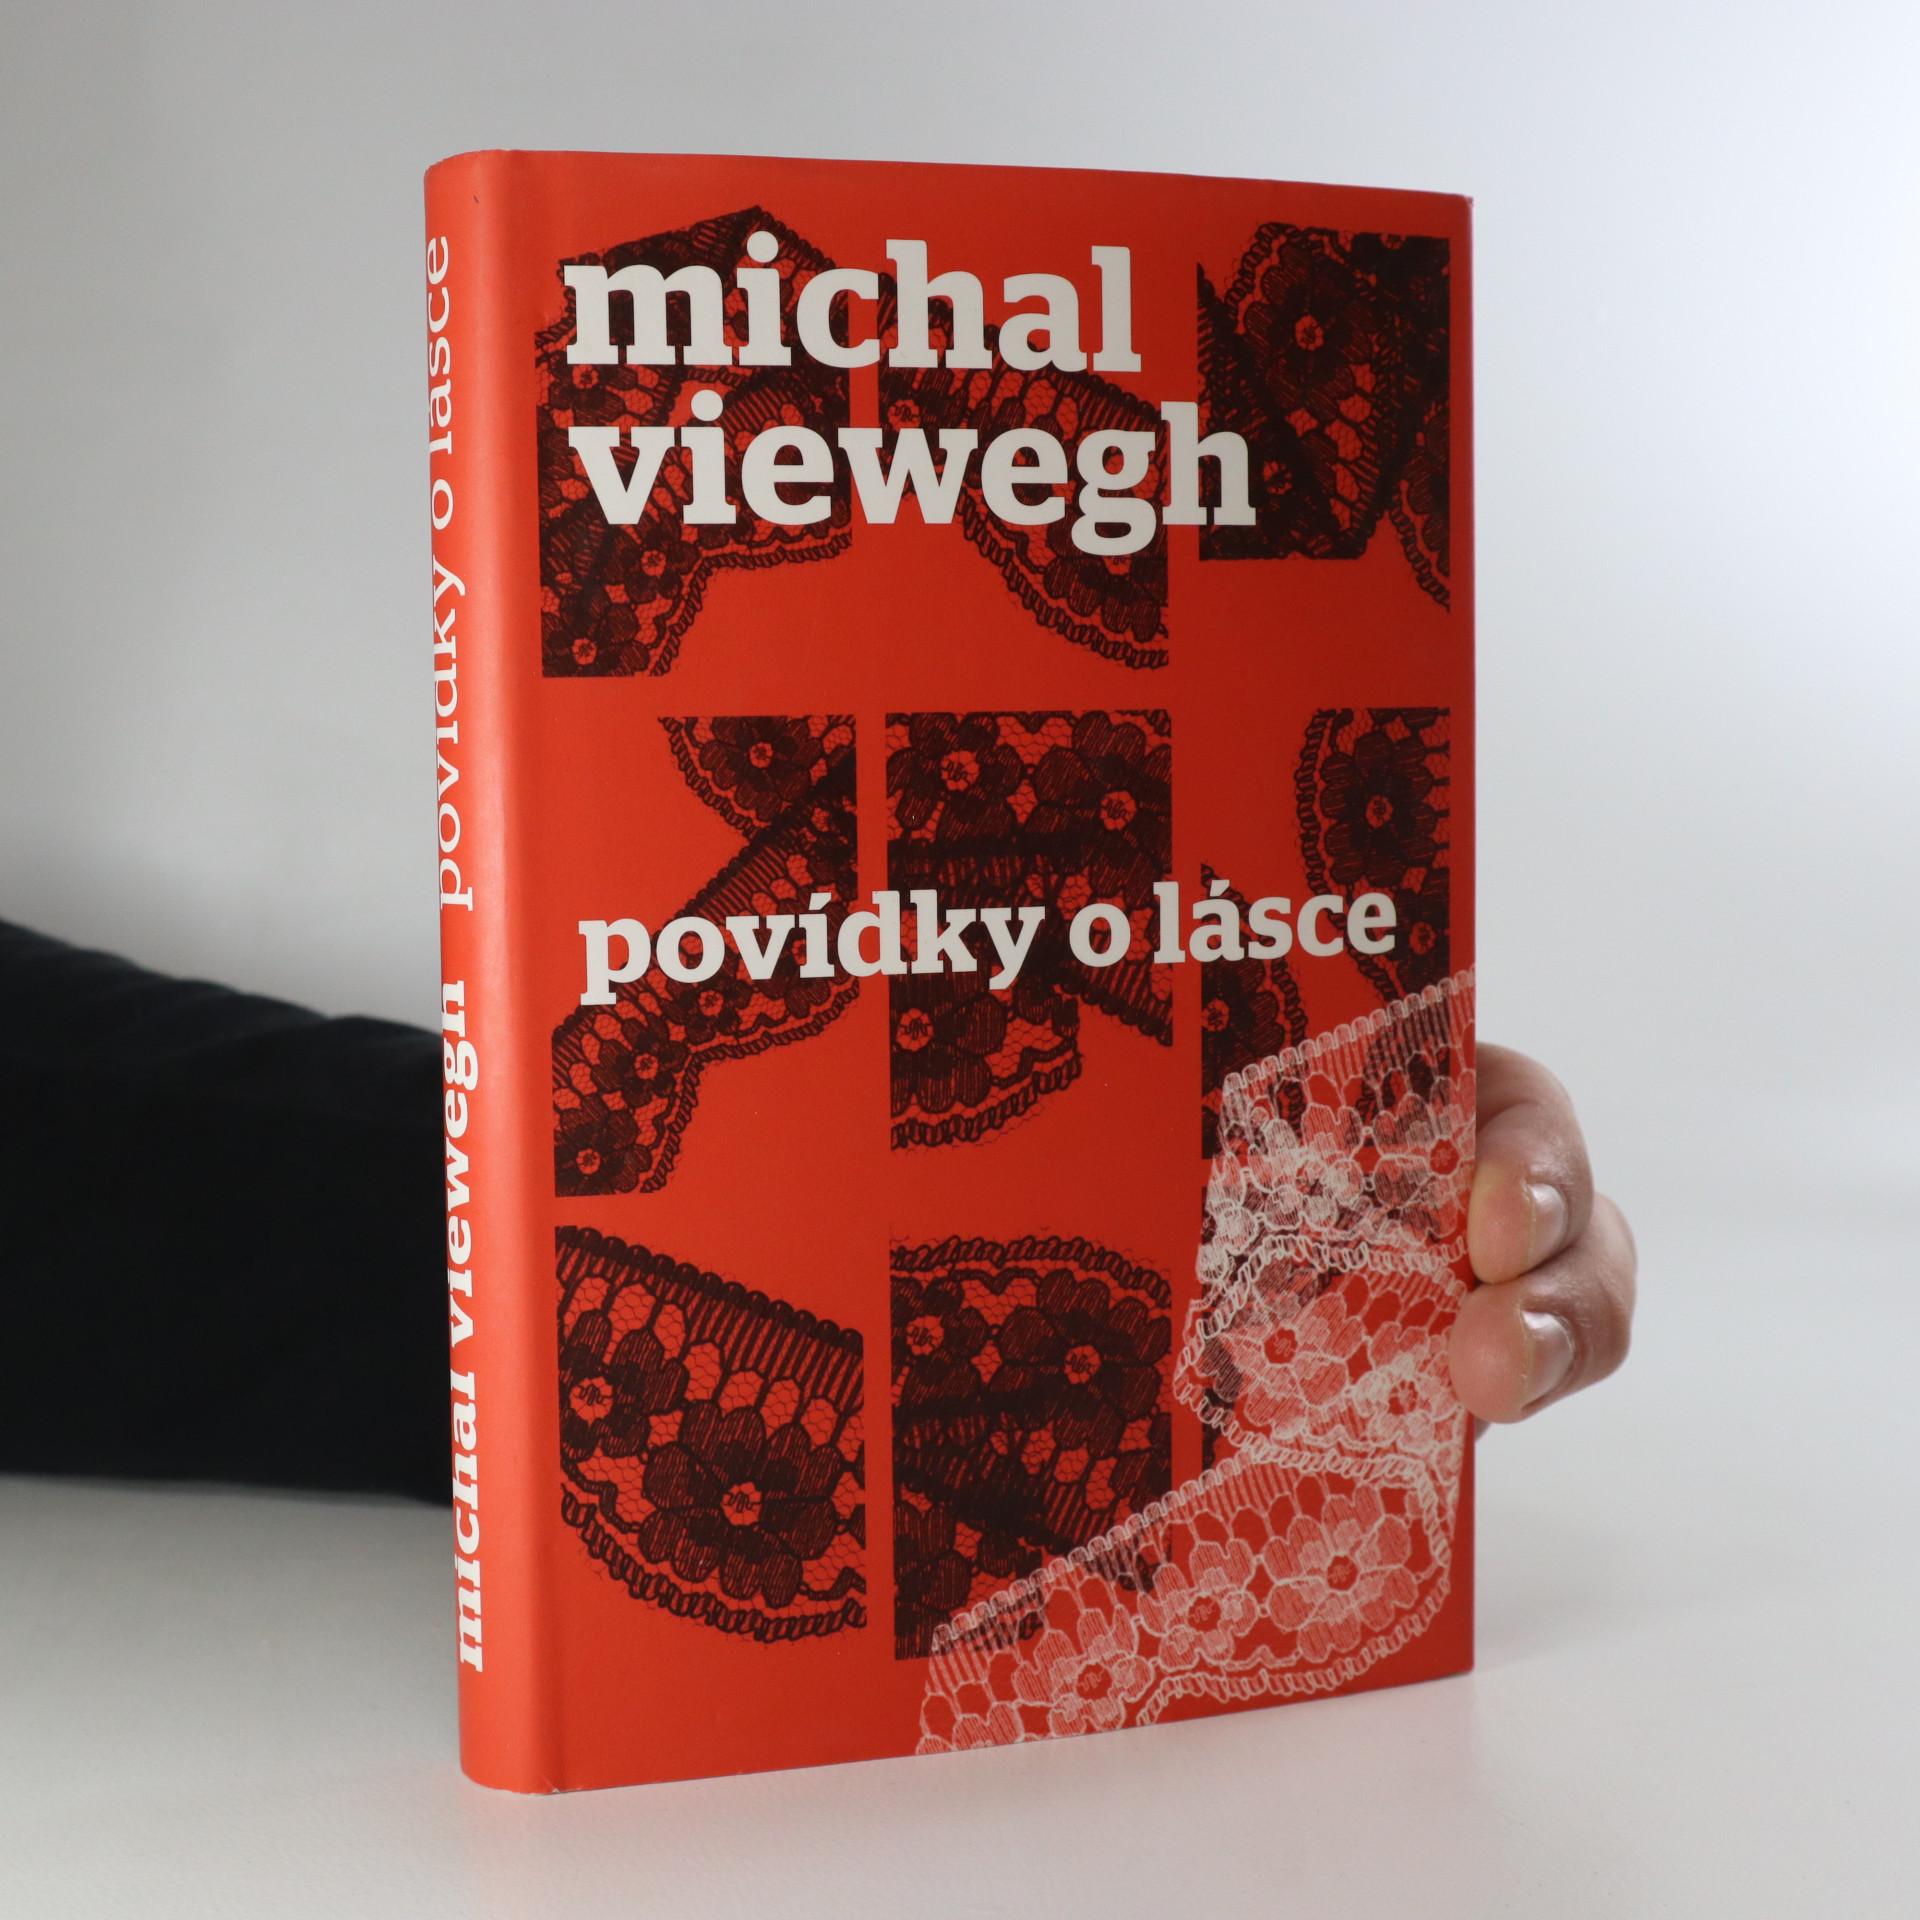 antikvární kniha Povídky o lásce, 2009